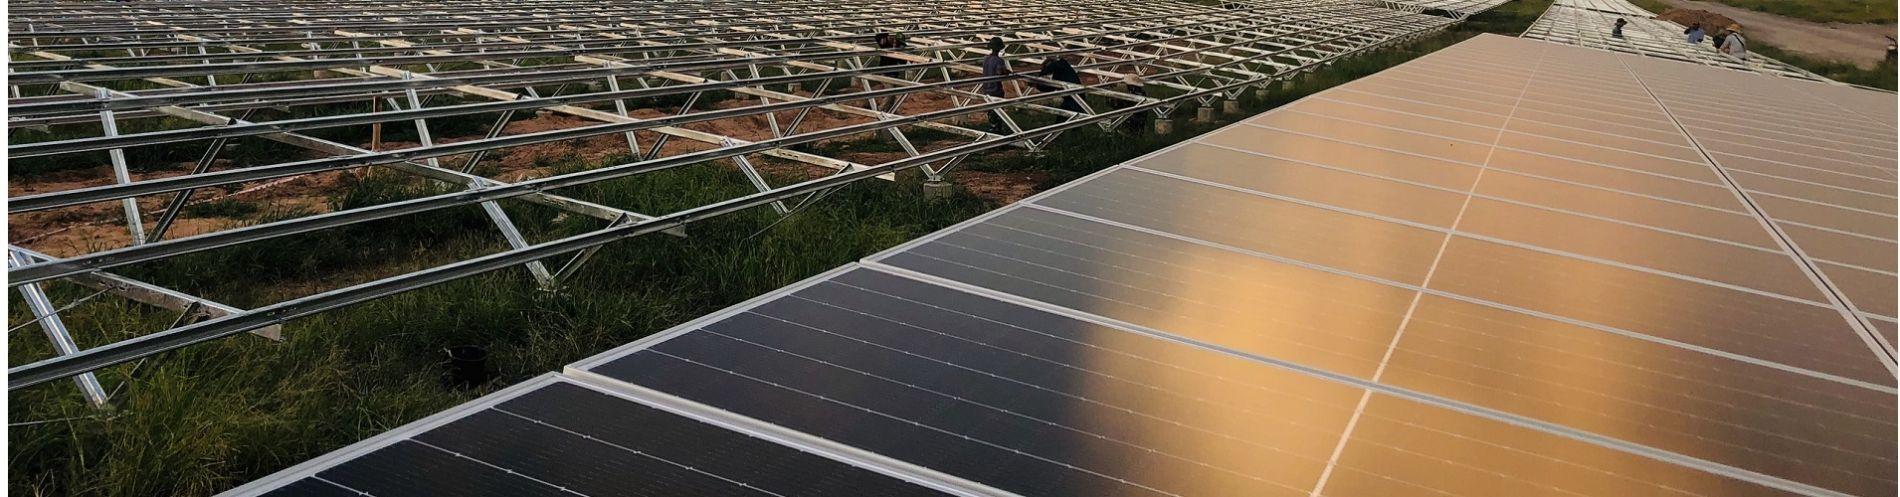 Nhà máy điện mặt trời Xuân Thiện Ea Súp 2